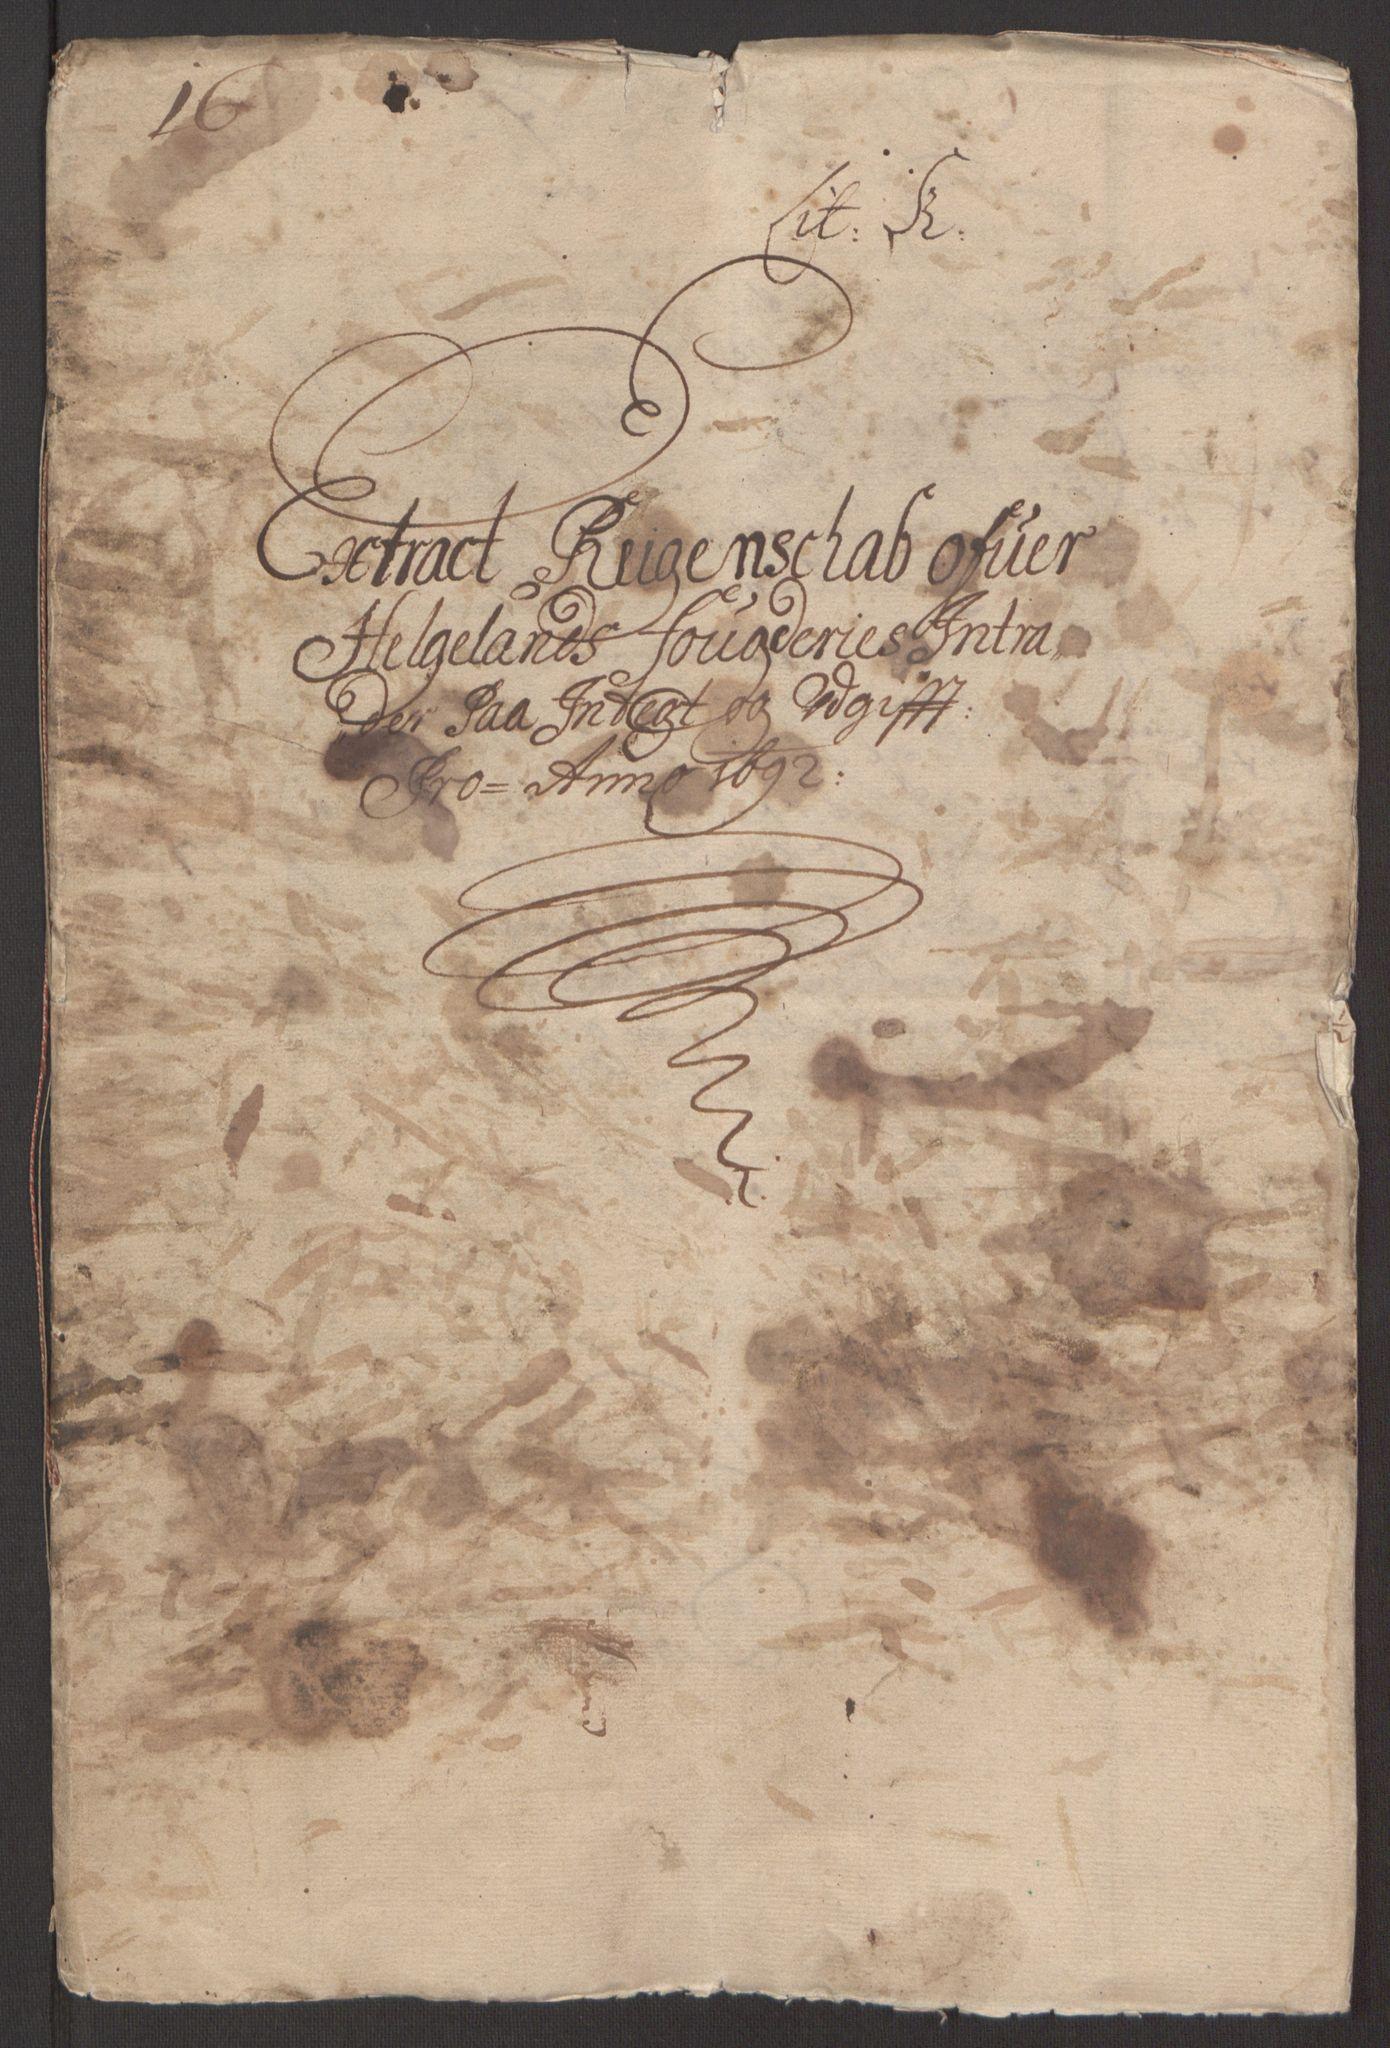 RA, Rentekammeret inntil 1814, Reviderte regnskaper, Fogderegnskap, R65/L4504: Fogderegnskap Helgeland, 1691-1692, s. 166